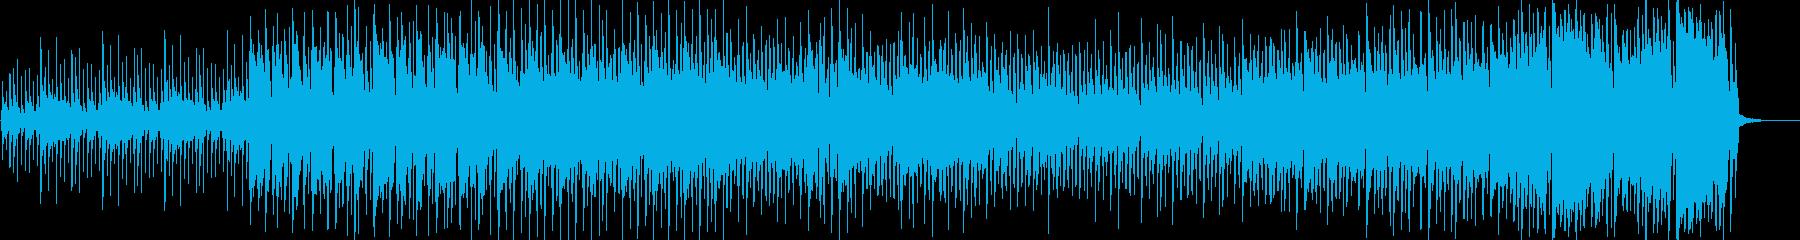 和楽器を使った騒がしいお祭り風の曲の再生済みの波形